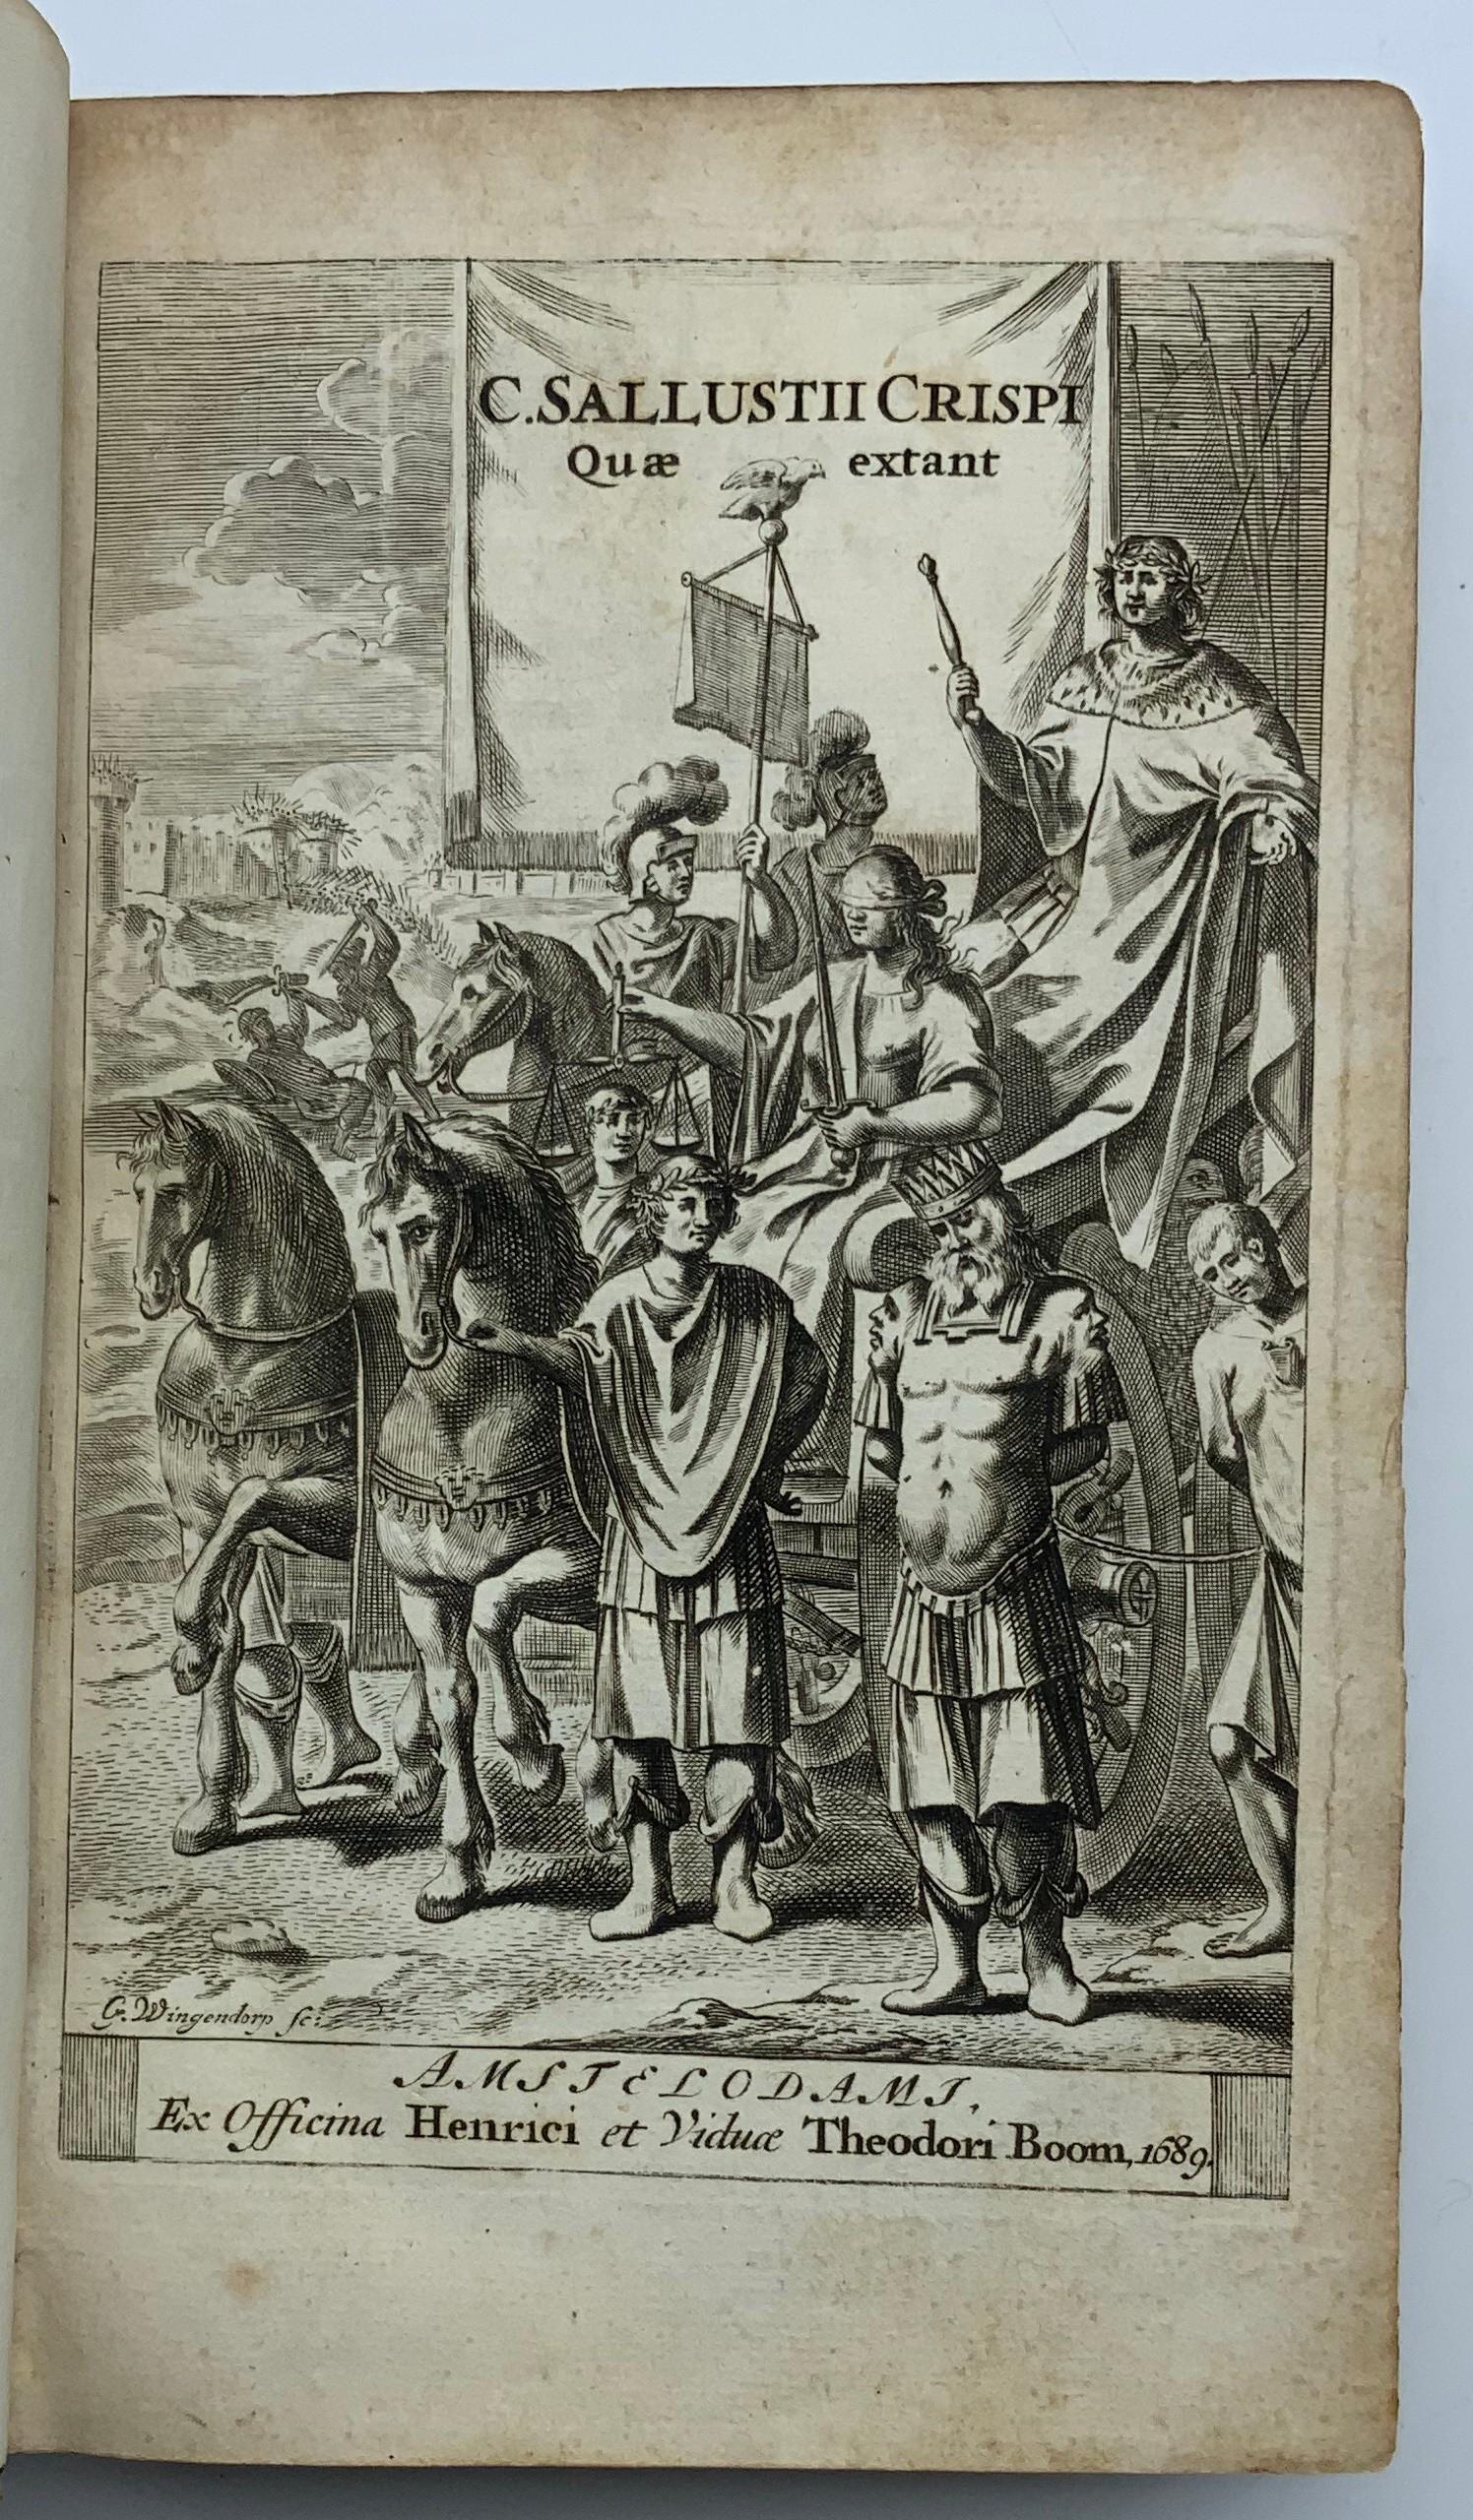 1690 C. CRISPI - SALULUSTII - Image 3 of 6